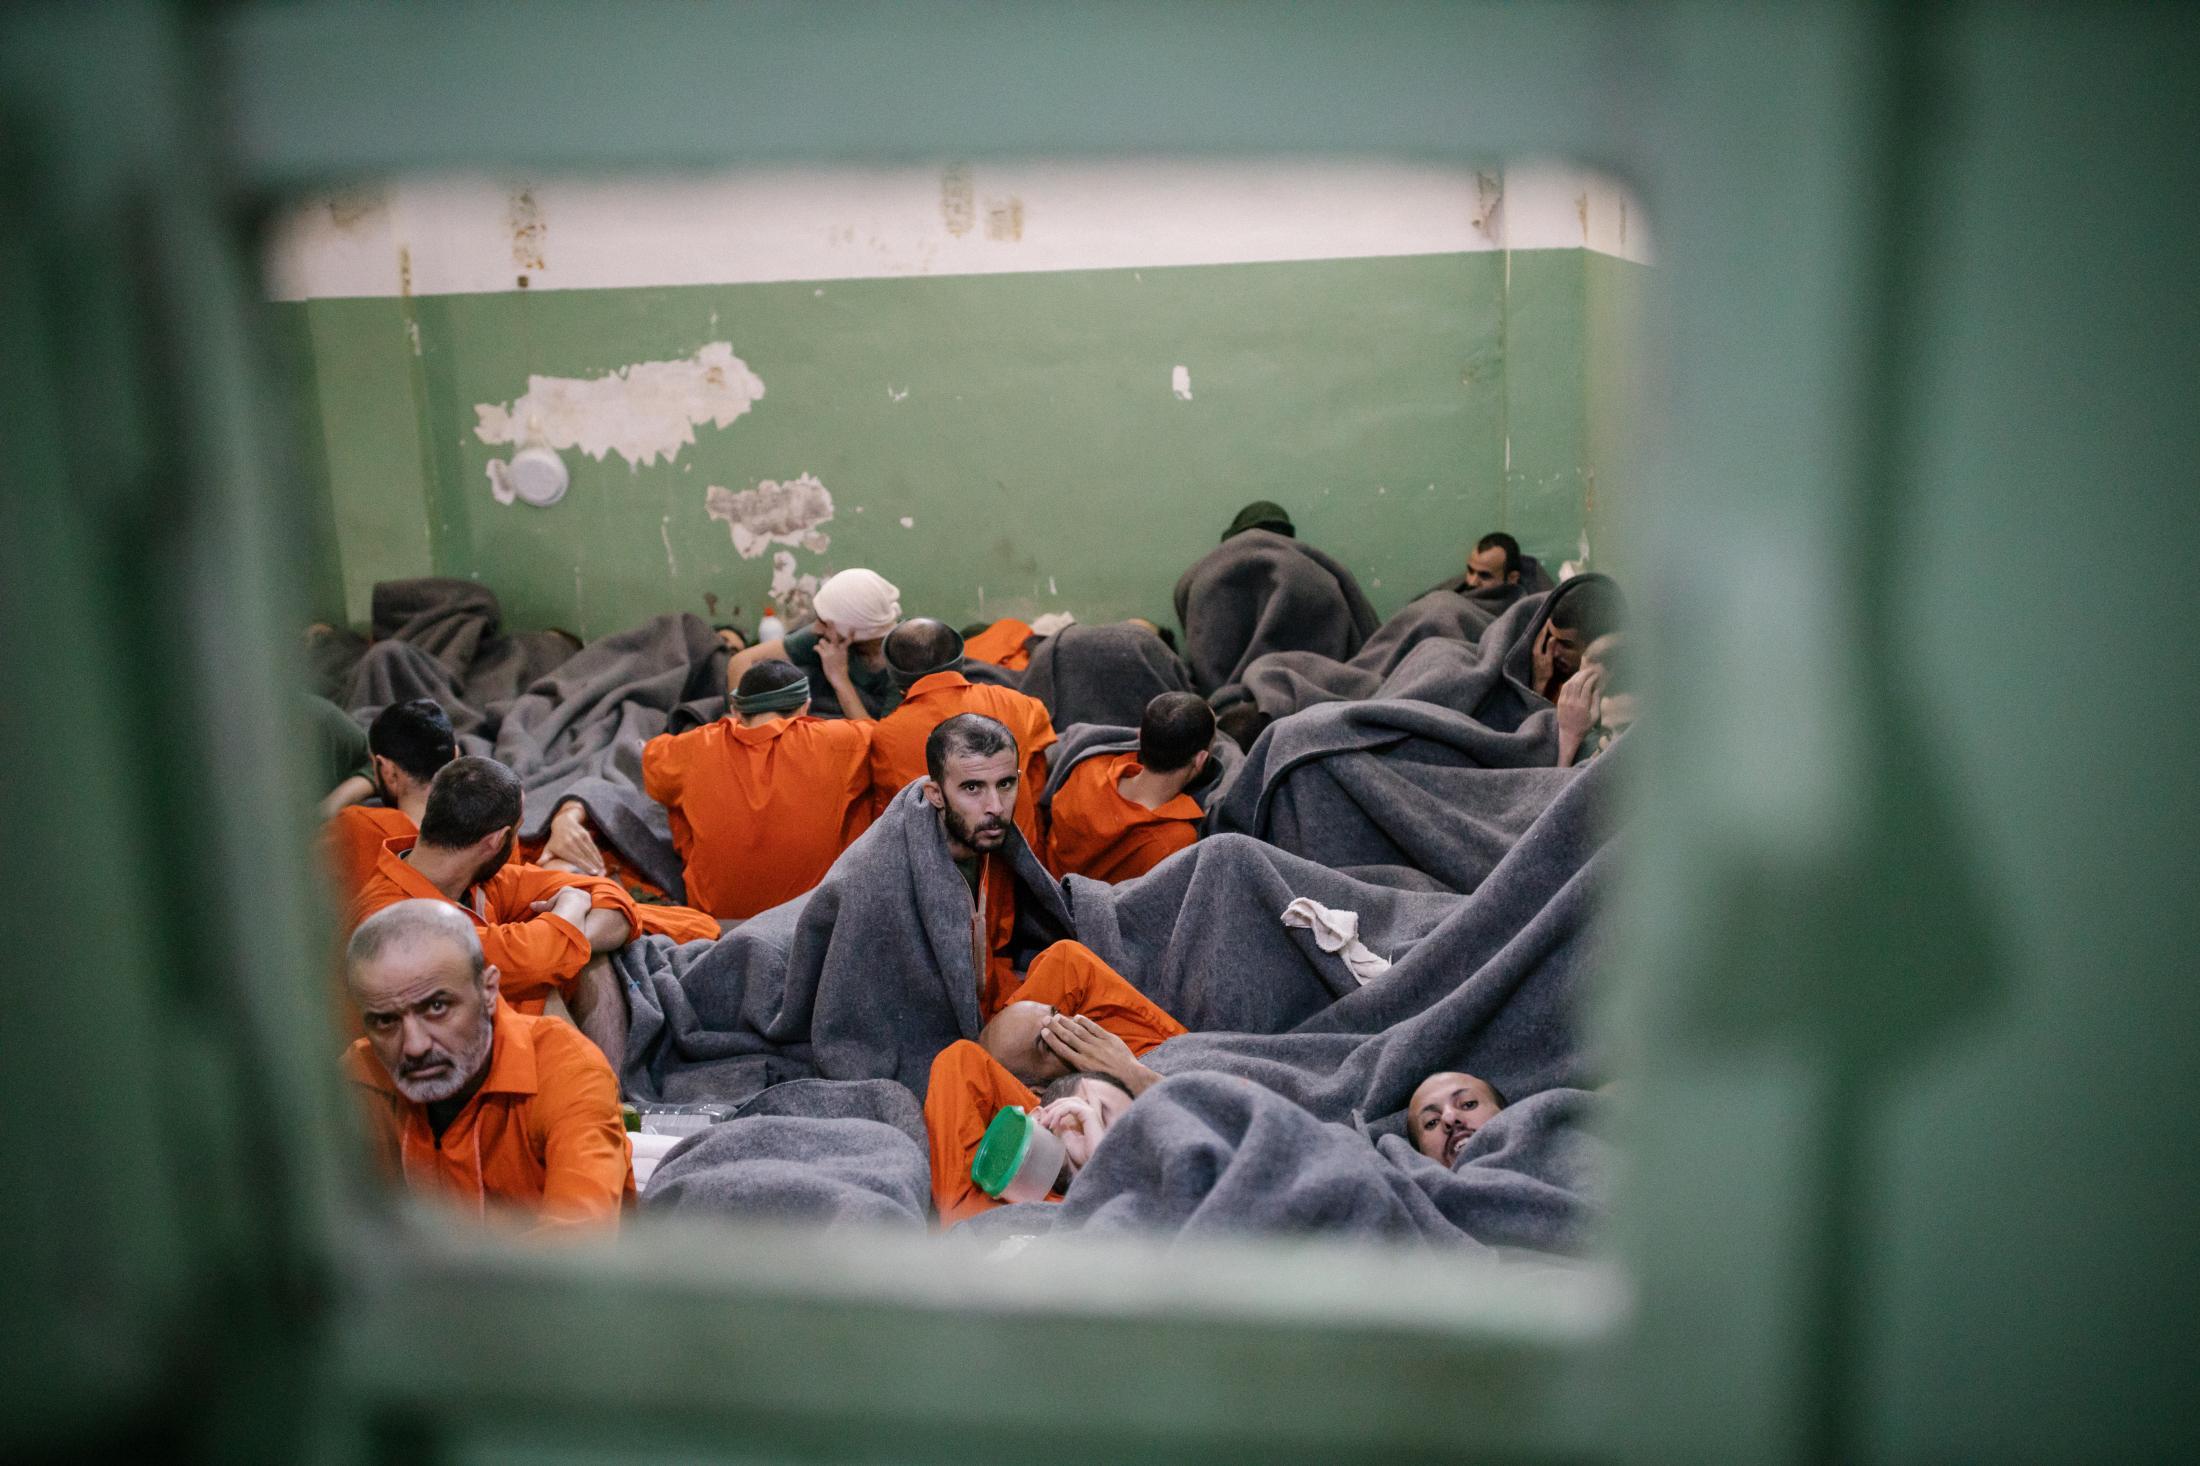 Le 30 octobre 2019, Hassake, nord est syrien. Envion 5000 prisonniers supposés membres de l'Etat islamique vivent dans cette université transformée en prison. Entre 100 et 200 détenus dans chaque salle de classe. La prison est ouverte depuis 4mois au moment de cette photo. Elle est surpeuplée. Les prisonniers sont considérés comme les plus radicaux et vivent dans des conditions difficiles. Ils n'ont pas le droit de sortir.